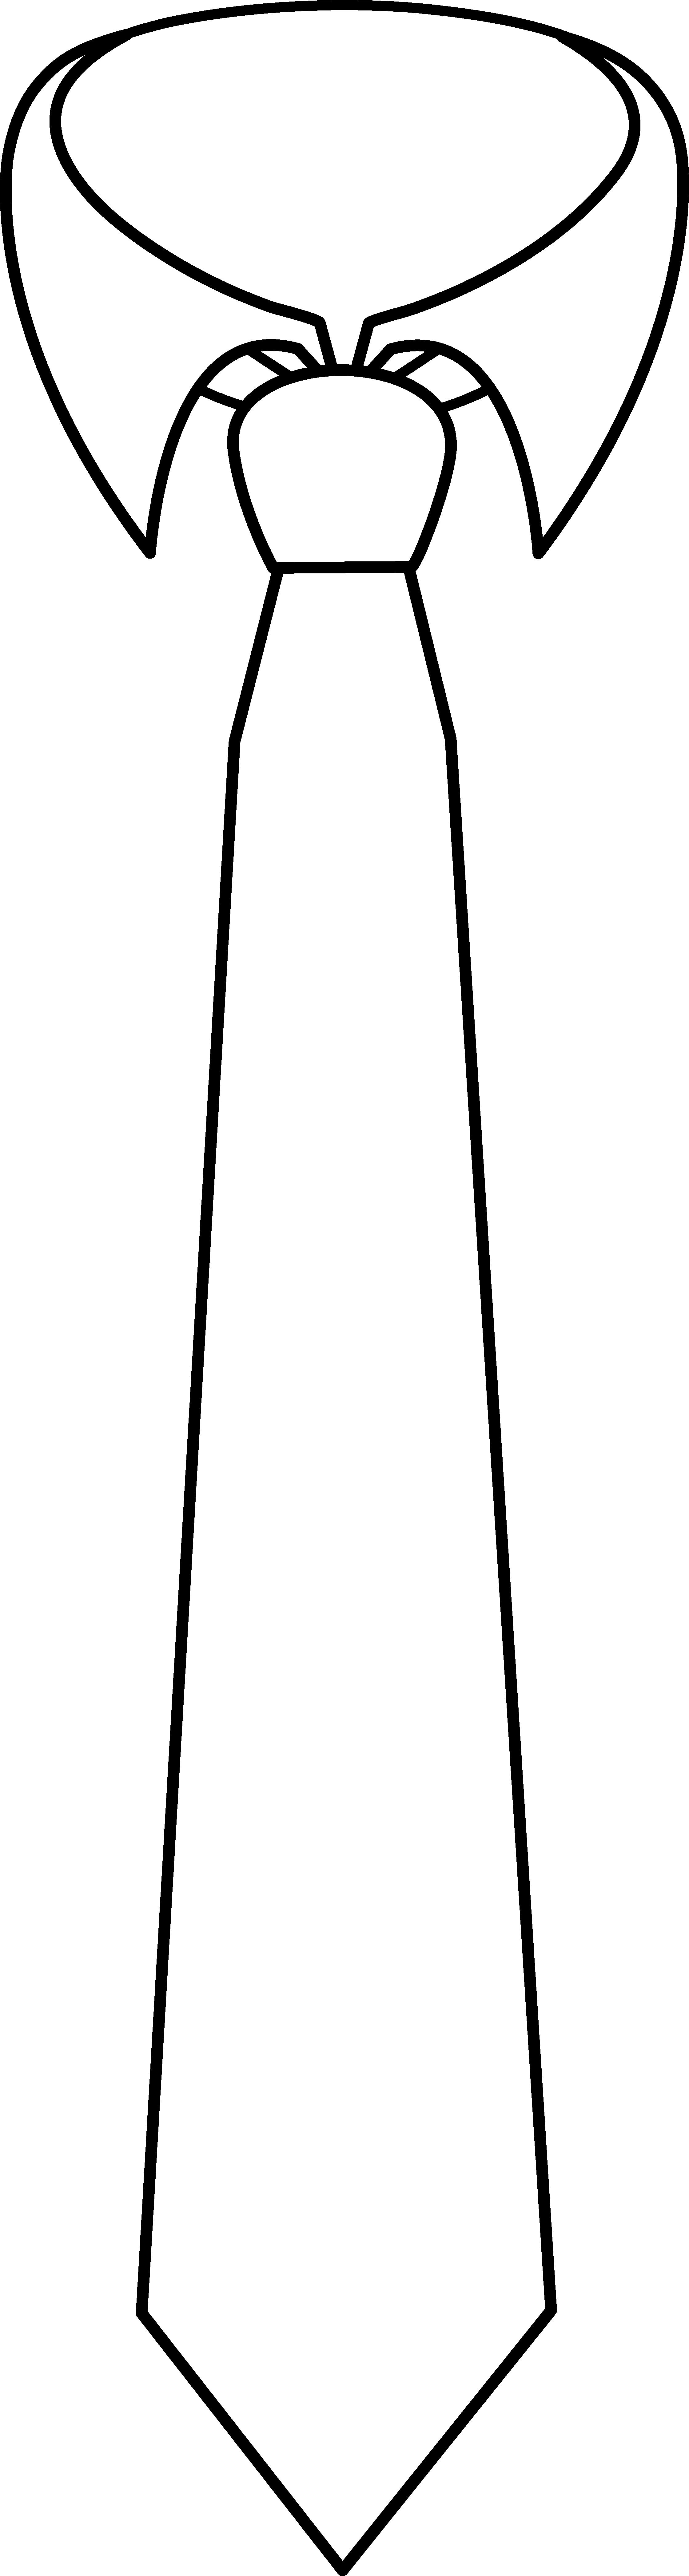 Necktie Coloring Page.